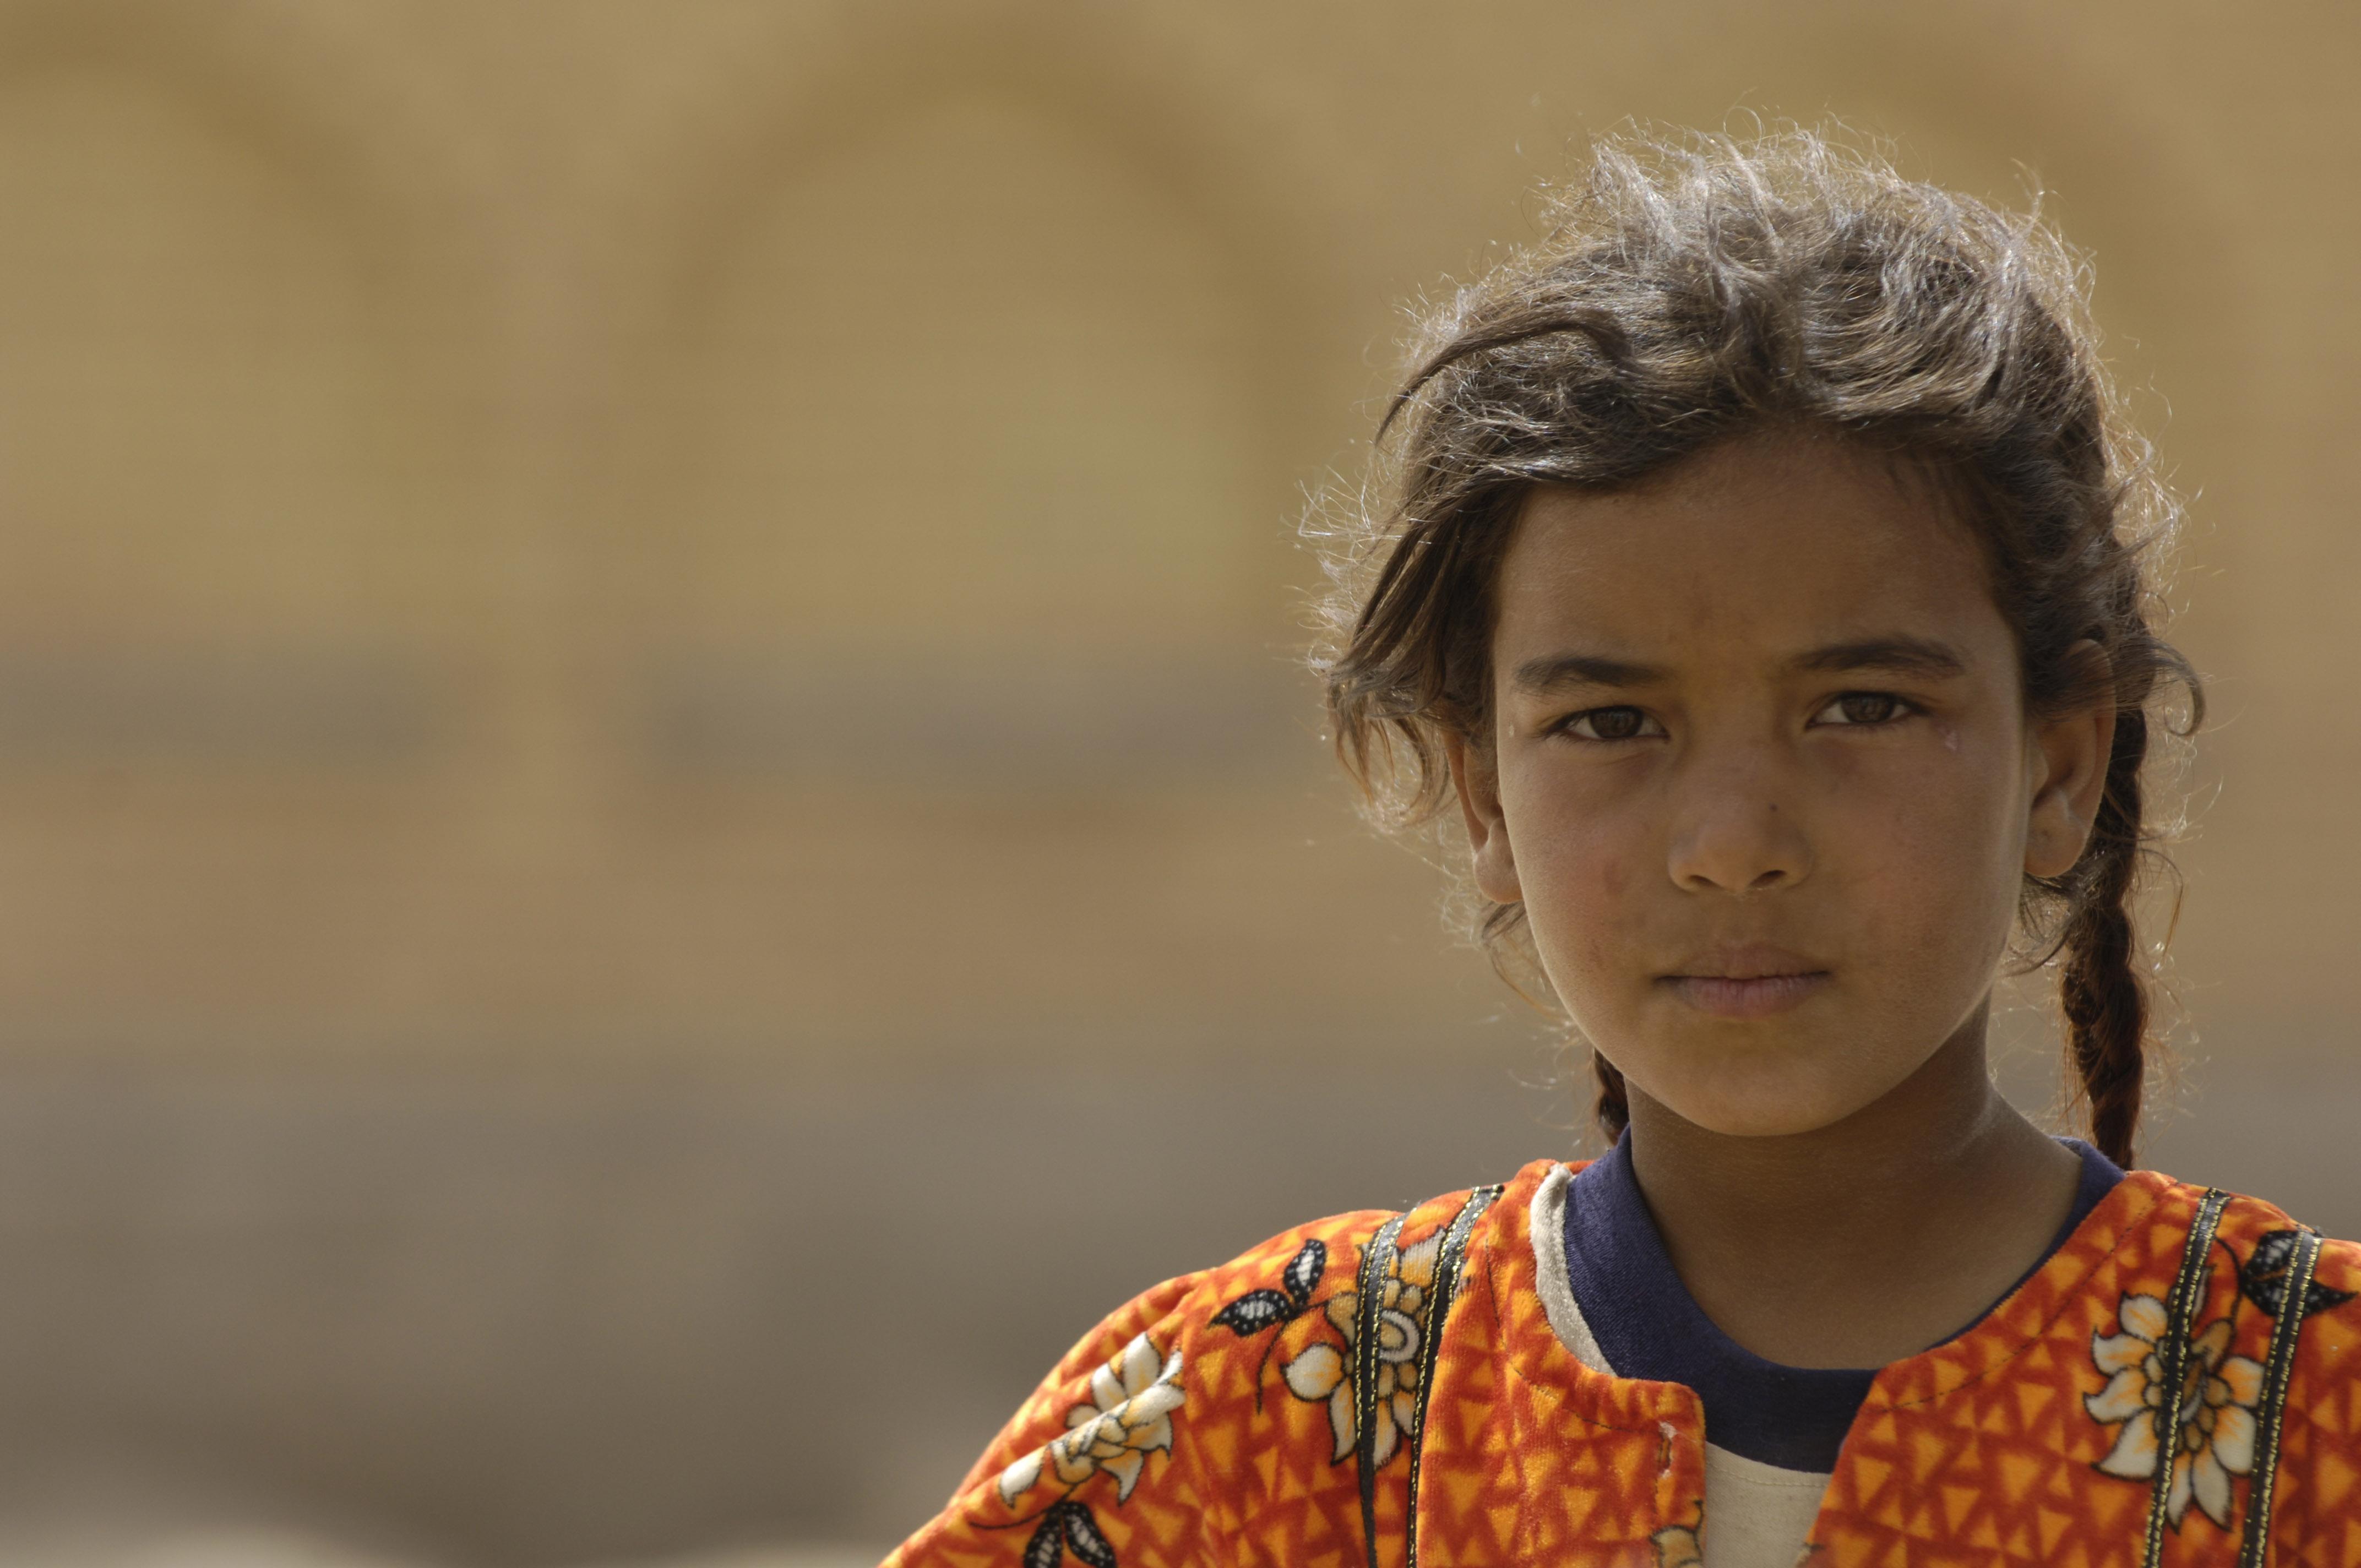 Iraqi girl Nude Photos 89